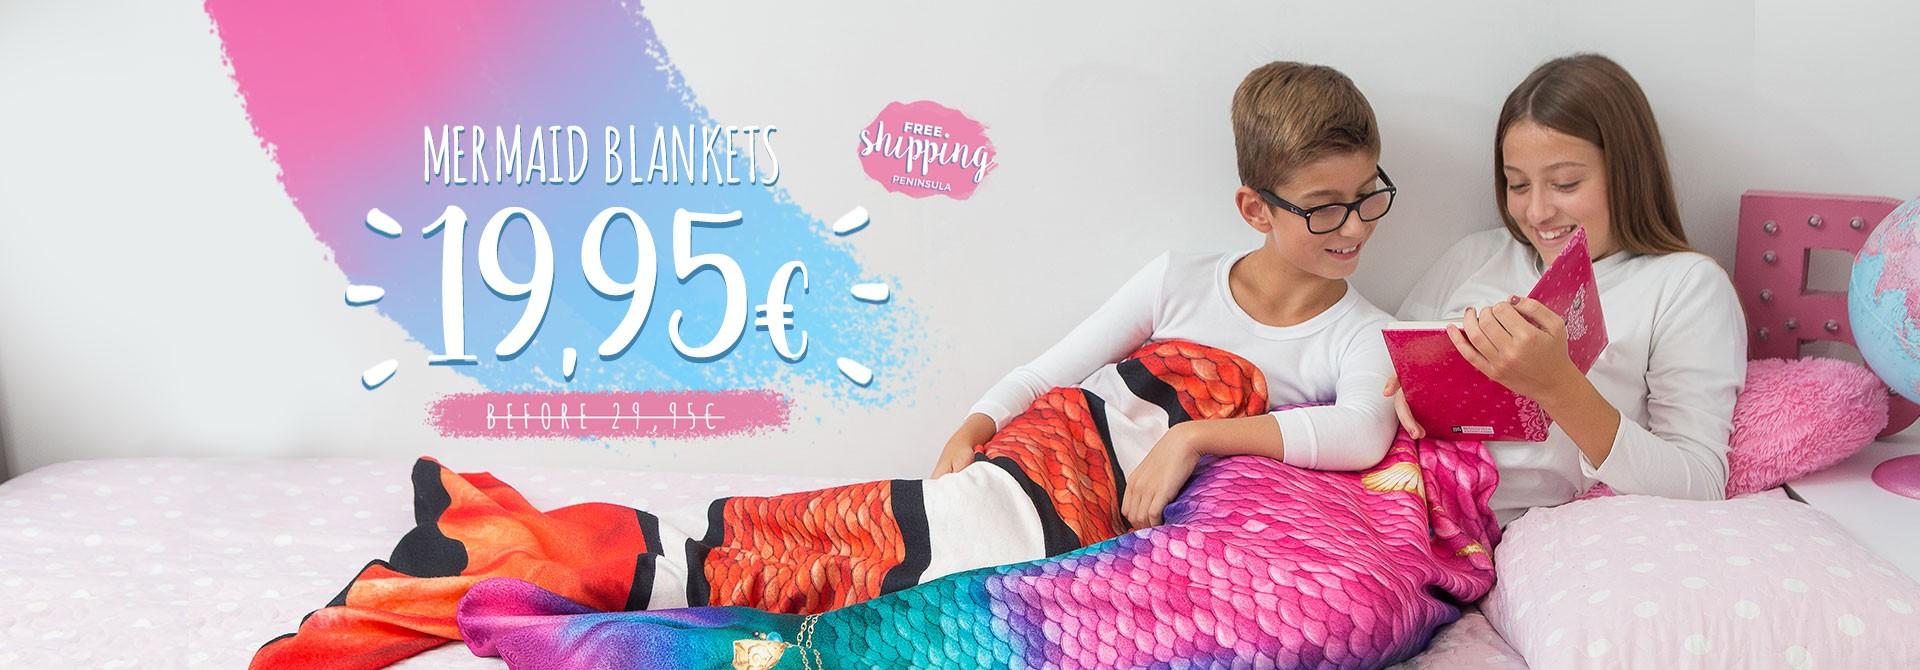 Mermaid Blankets 2021